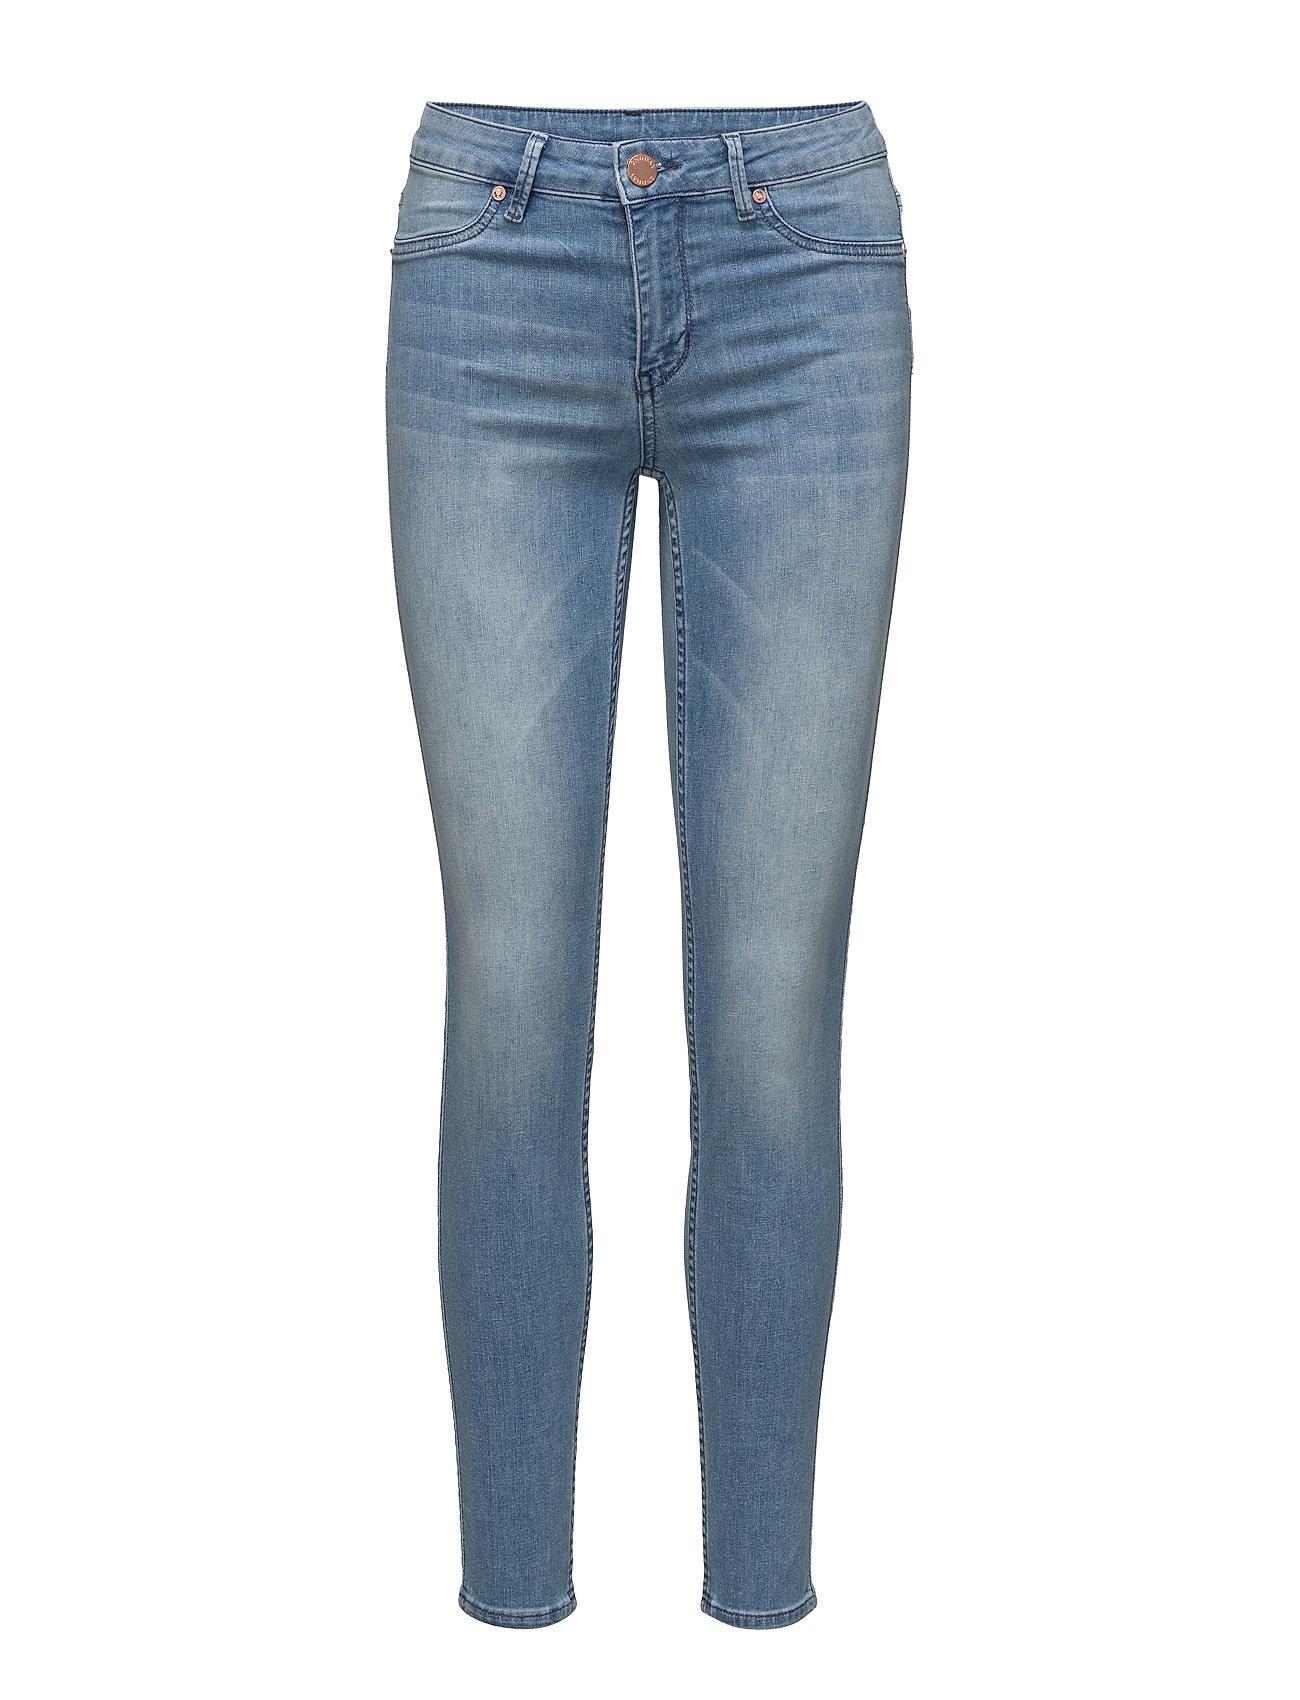 2nd Jolie Crop New Blue 2NDDAY Jeans til Kvinder i